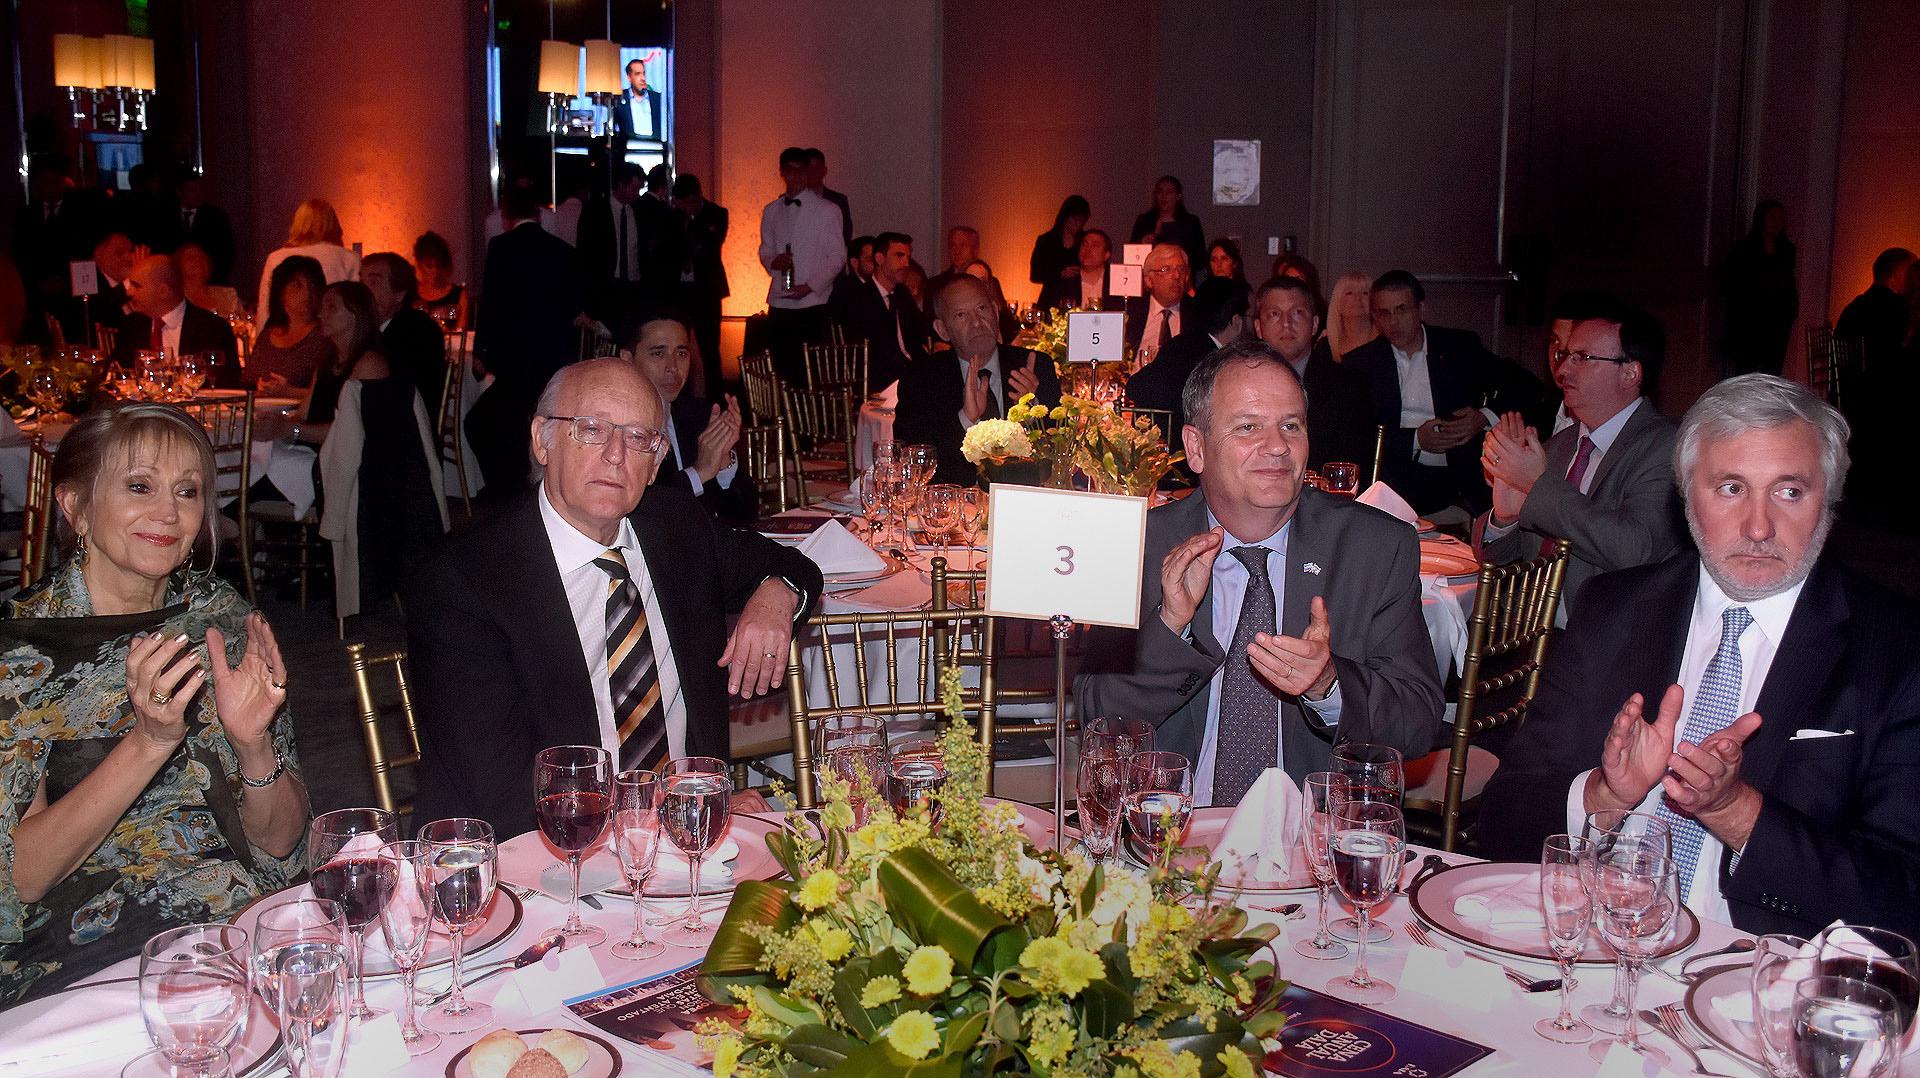 Alberto Indij junto a Ilan Sztulman, embajador de Israel en la Argentina, en la mesa principal